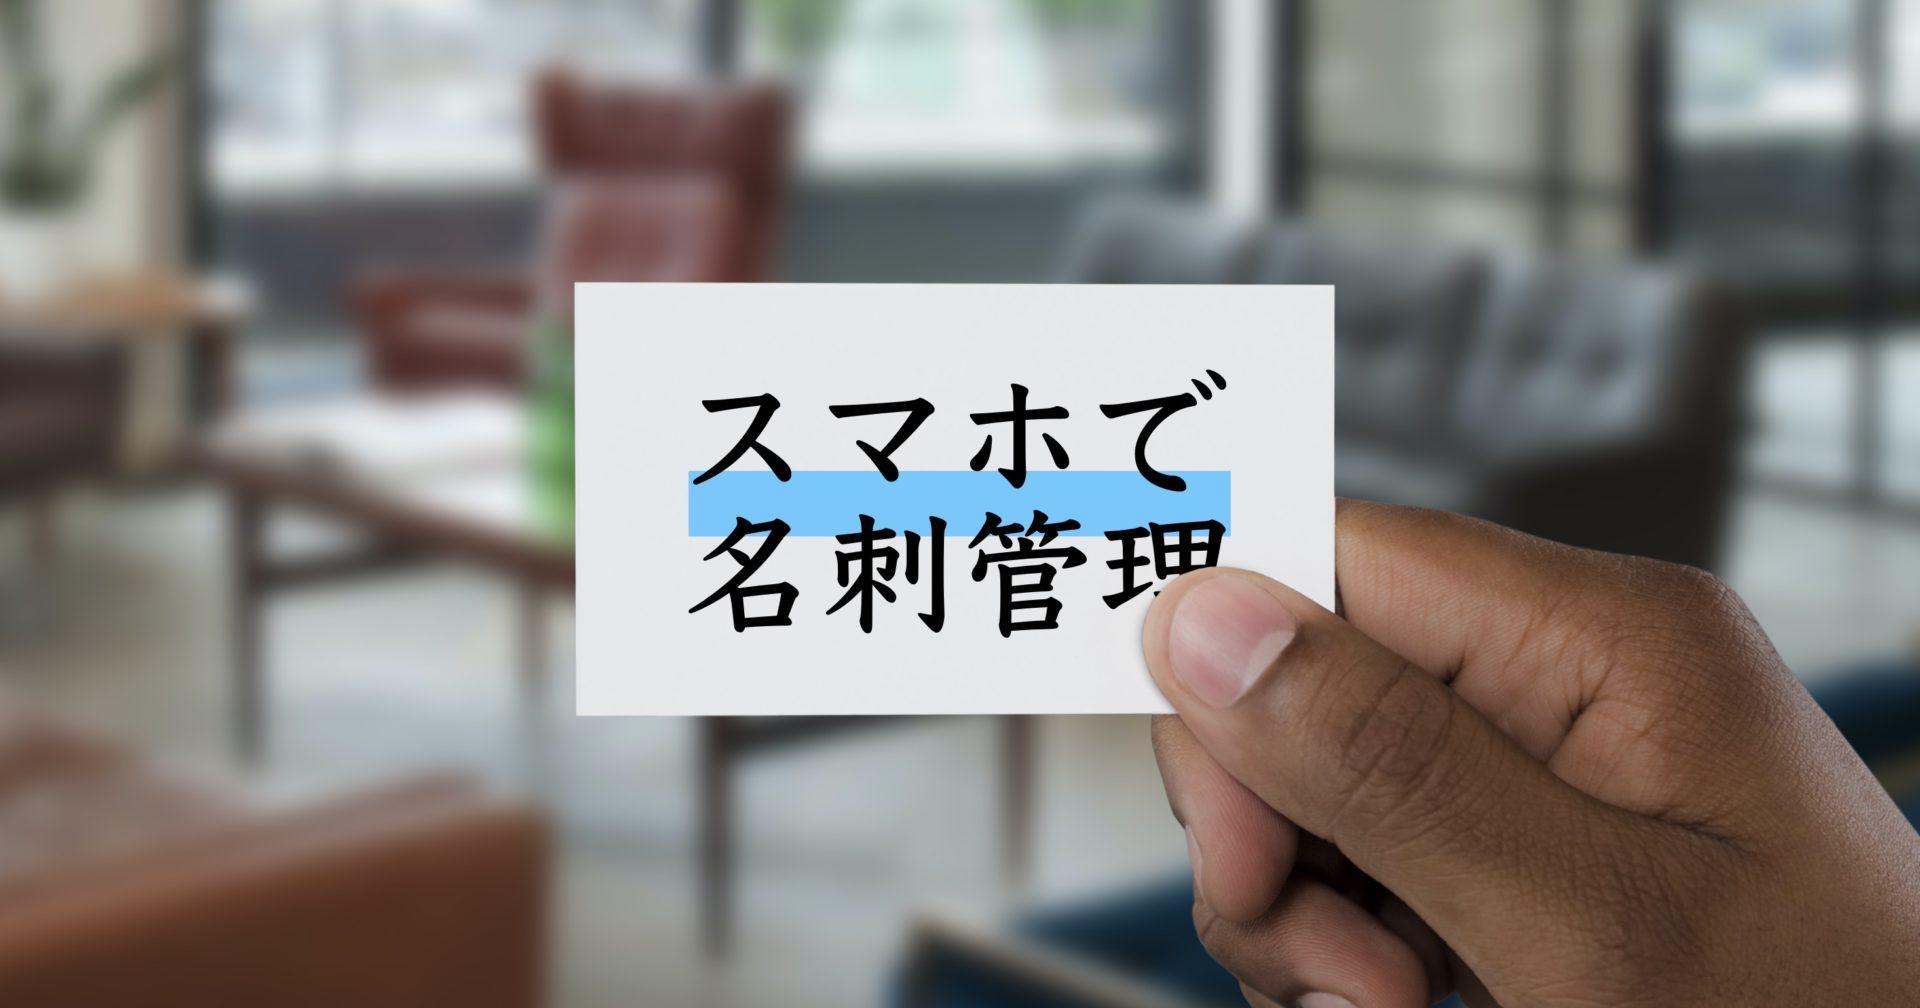 スマホで名刺管理できるアプリ